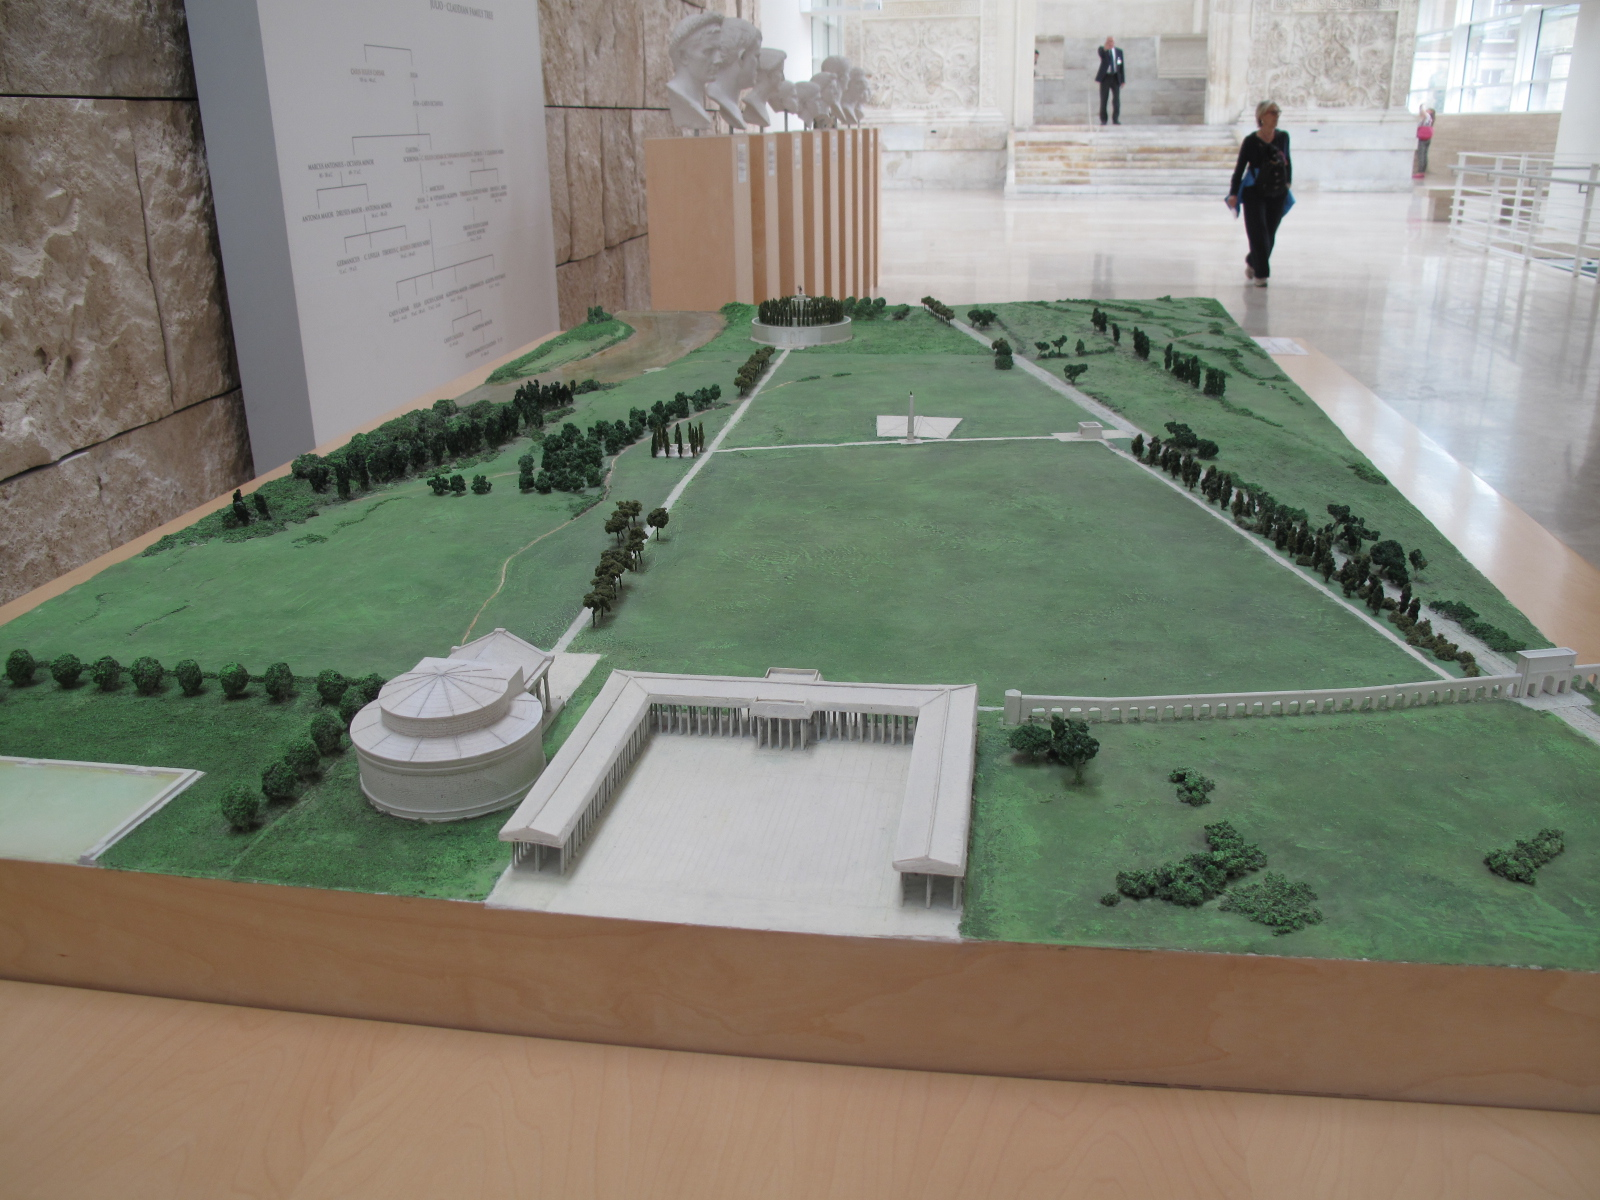 Model of the Campus Martius